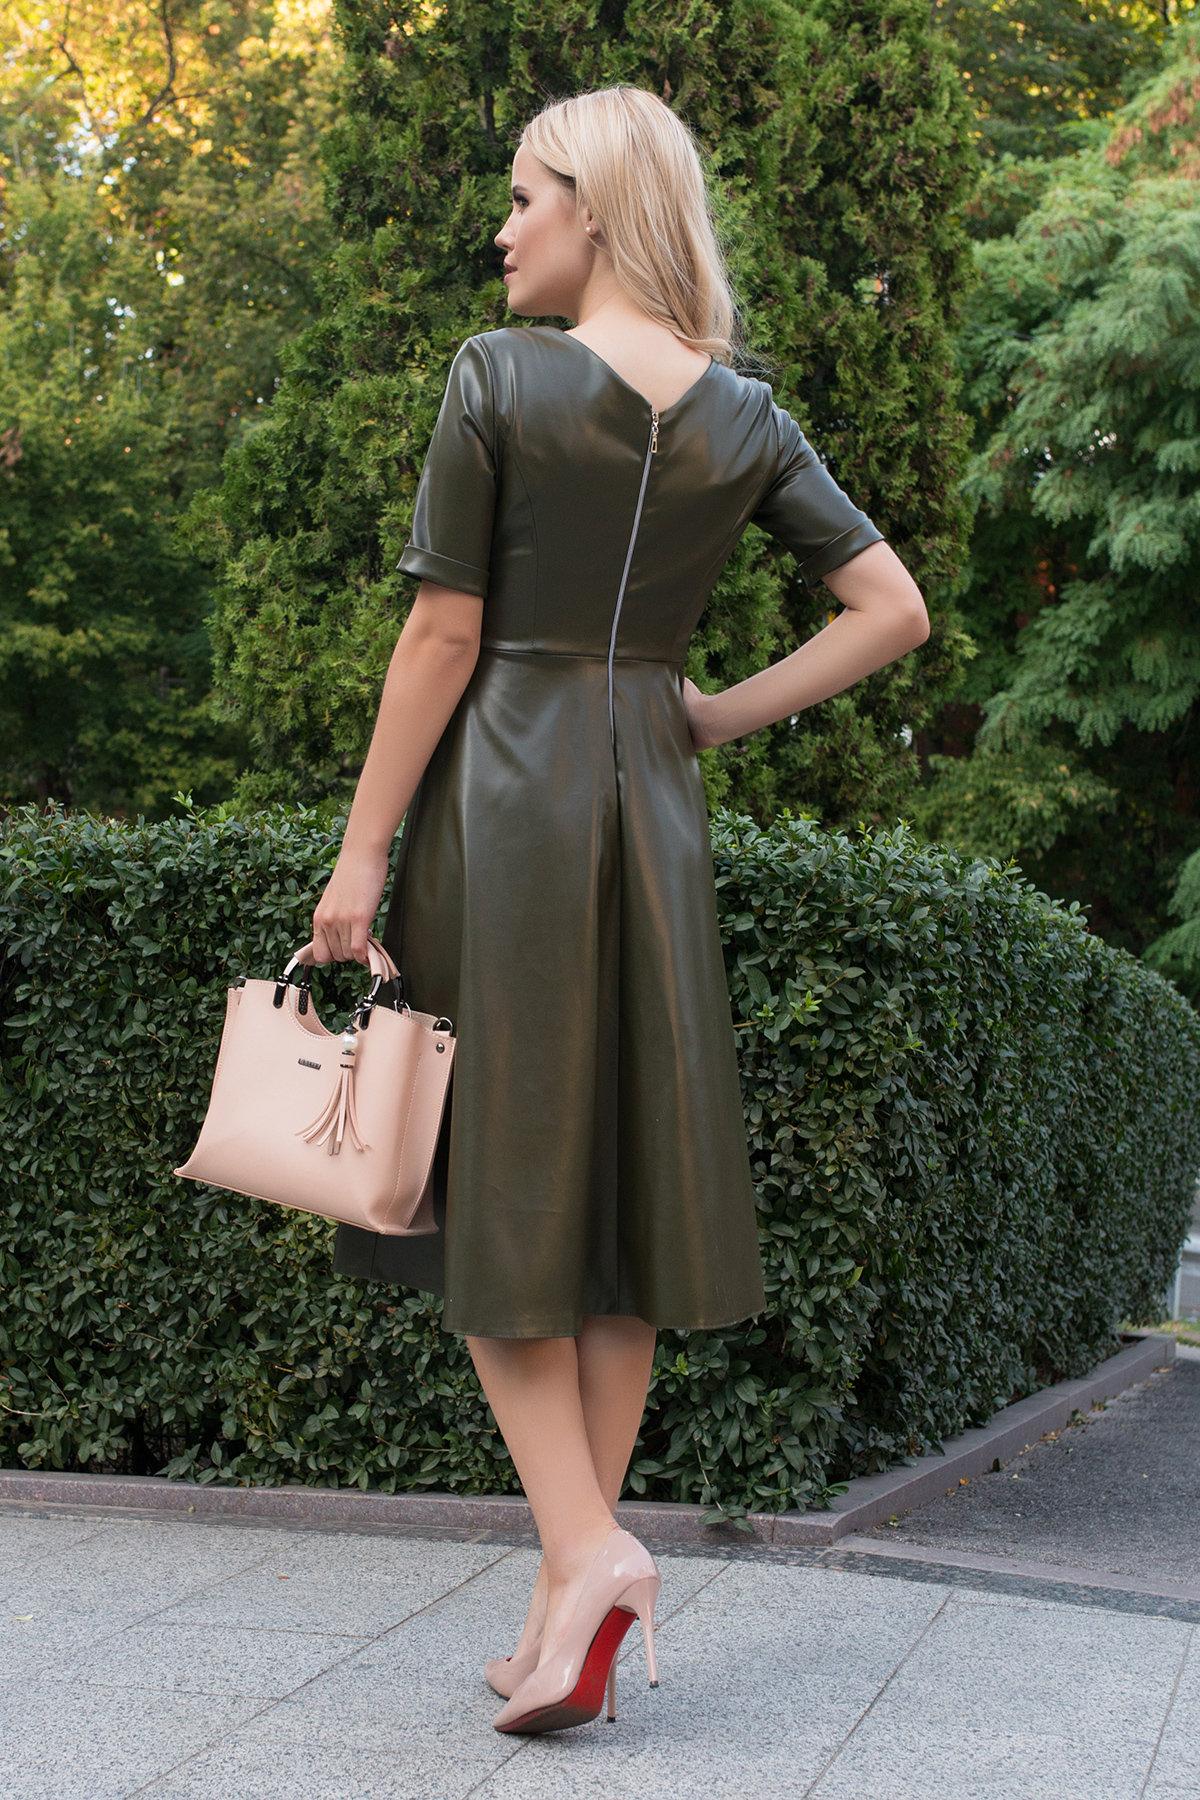 Платье длинной ниже колена Фернанда 7875 АРТ. 43845 Цвет: Хаки - фото 2, интернет магазин tm-modus.ru